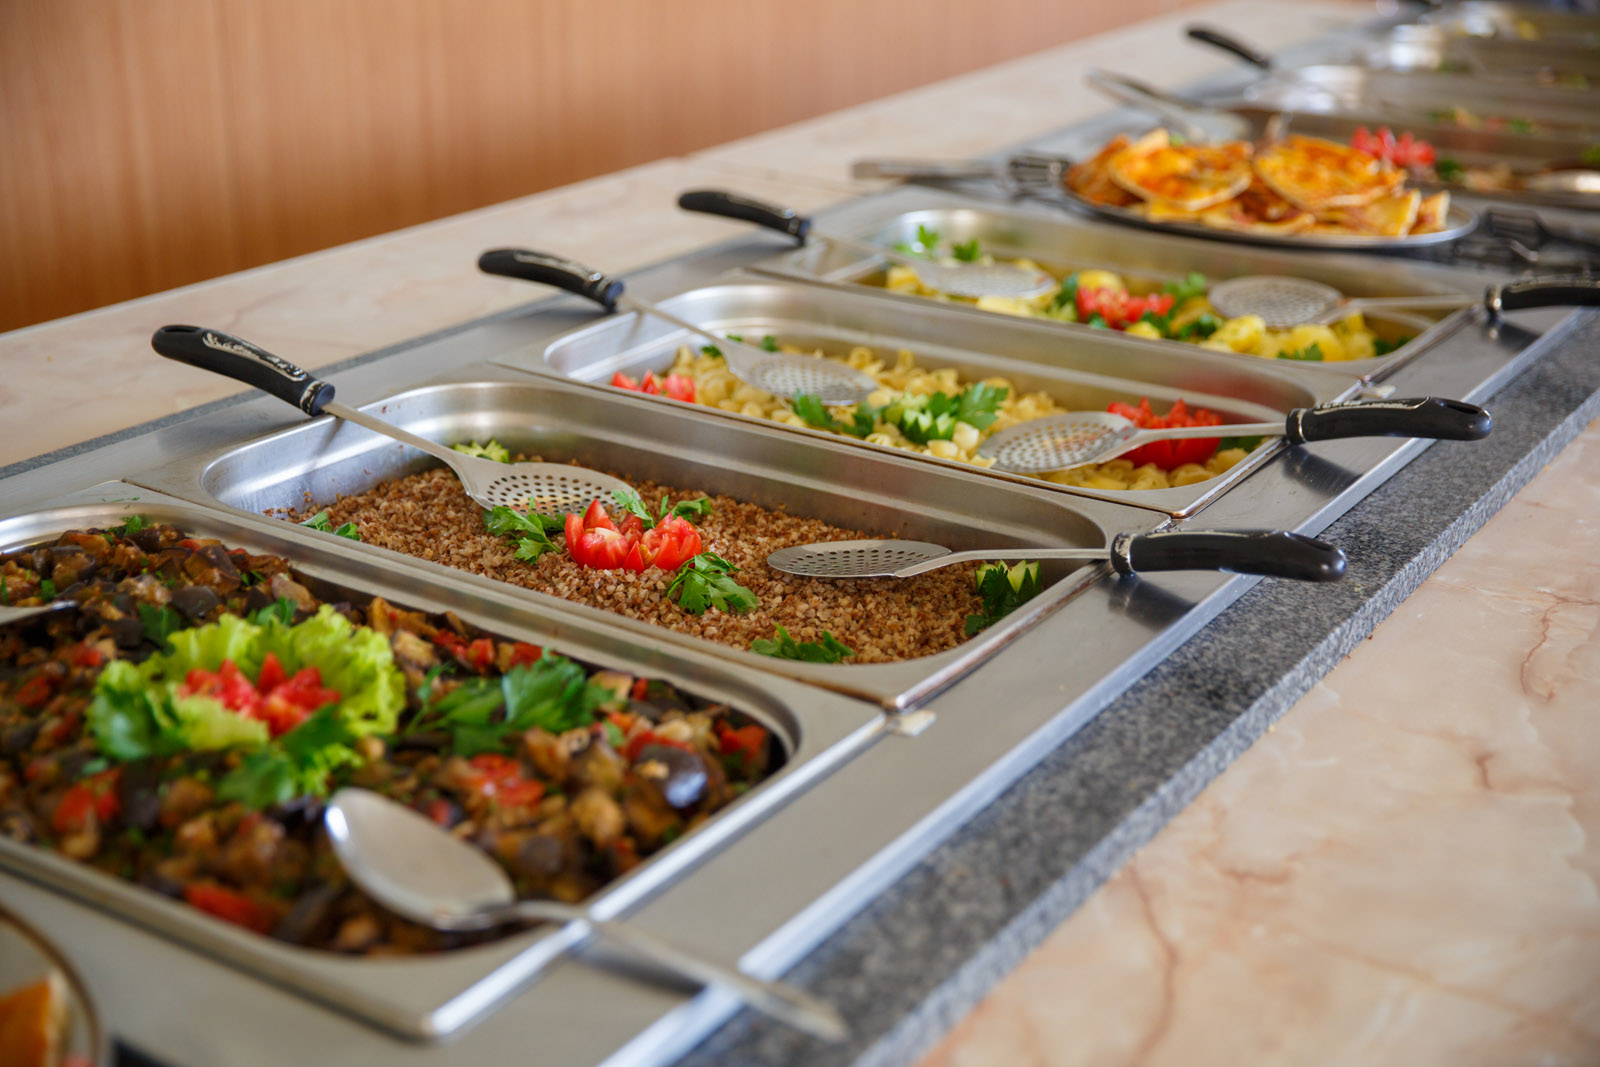 Харчування. Шведський стіл. Дитячий табір в Болгарії (Ахелой)